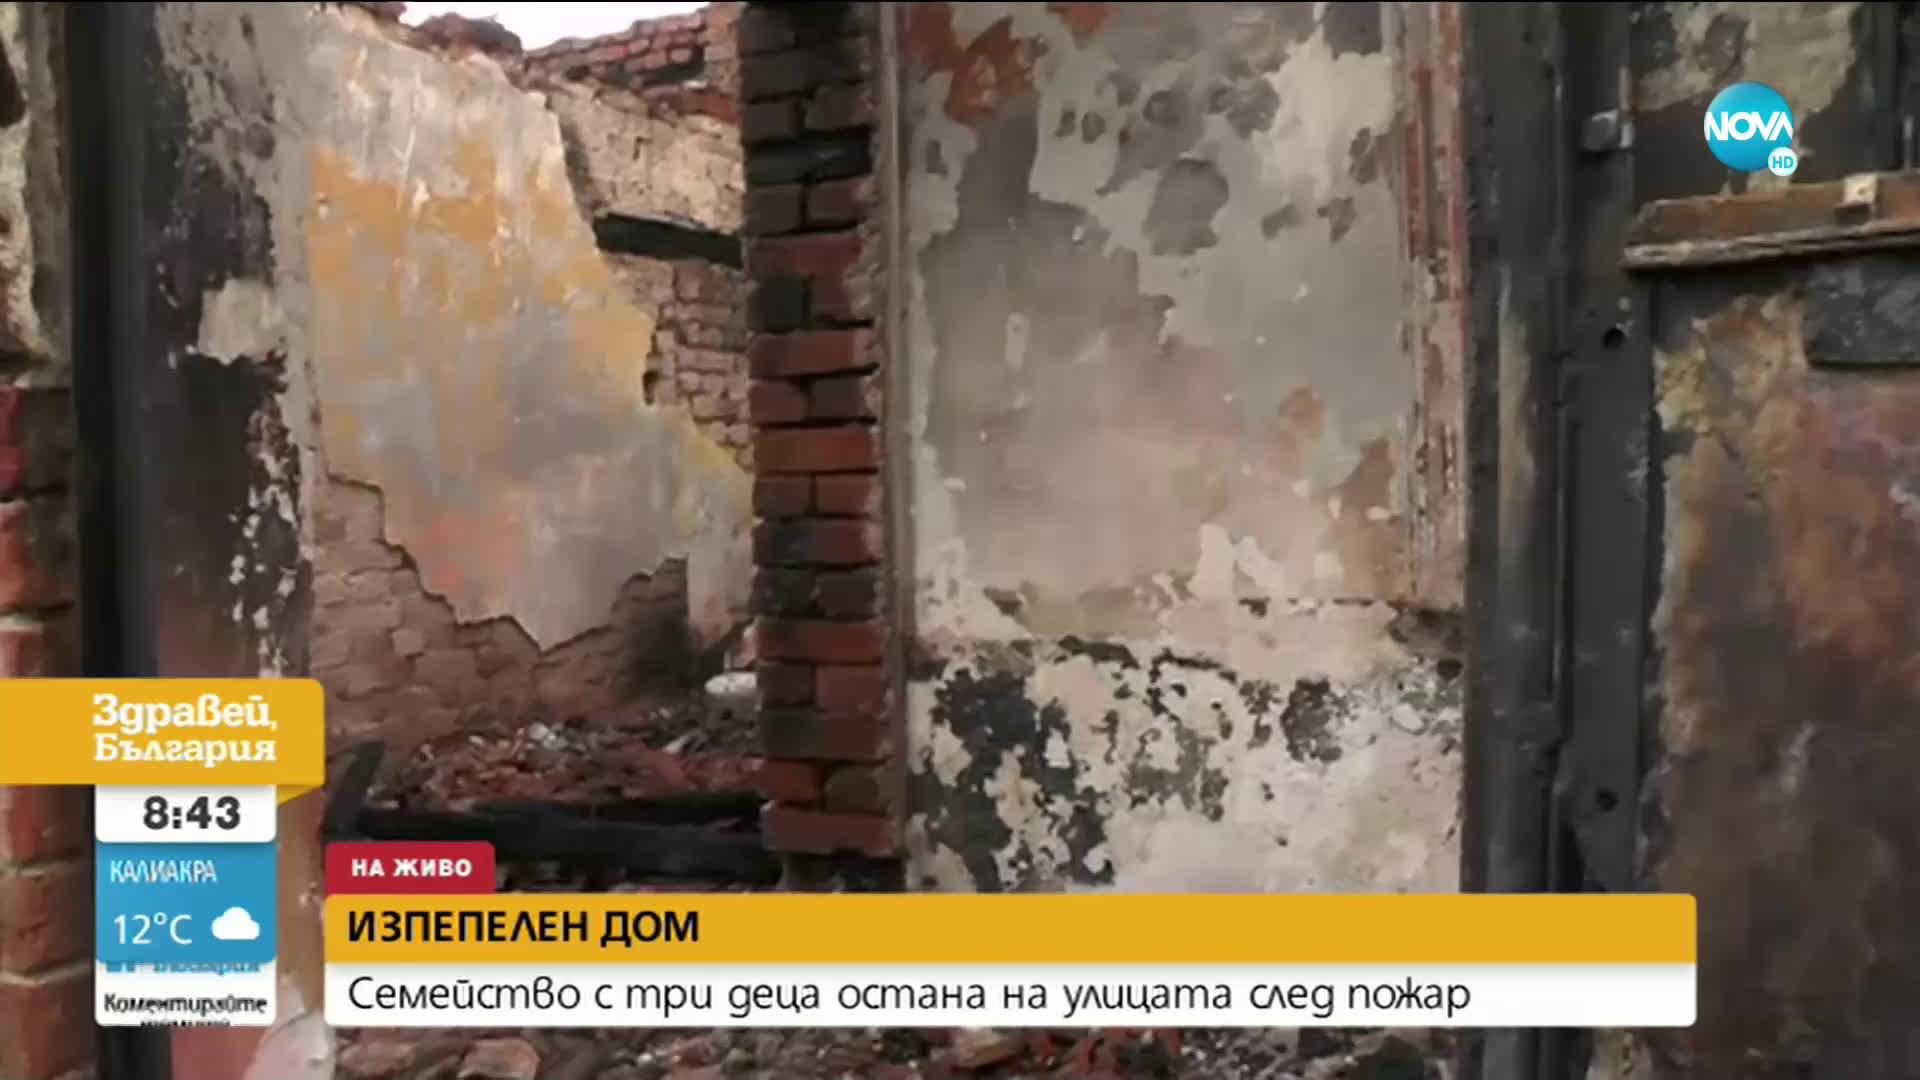 Семейство с три деца остана на улицата след пожар